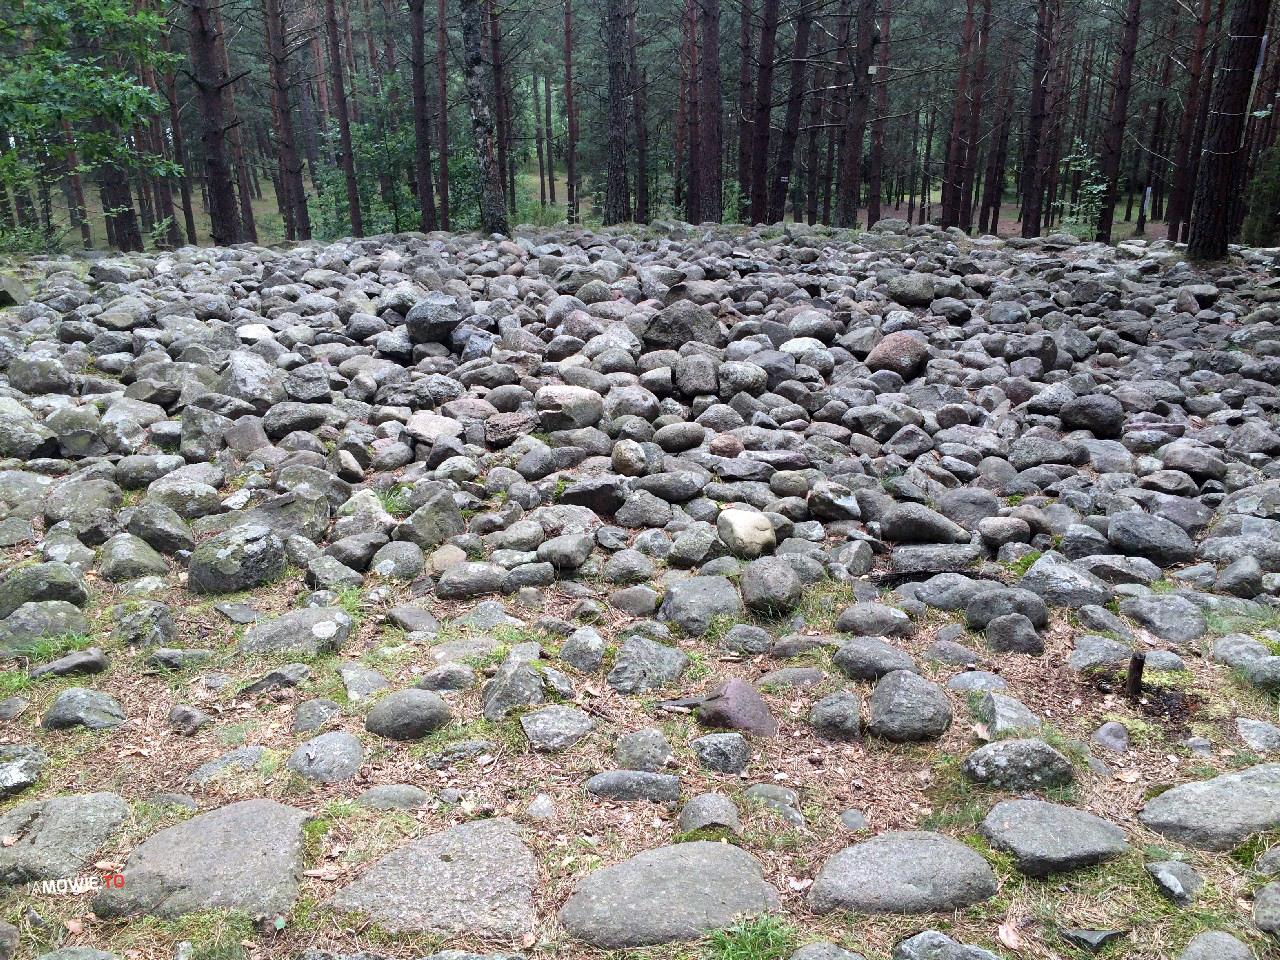 Kamienne Kręgi w Węsiorach - Ja mówię TO https://jamowie.to